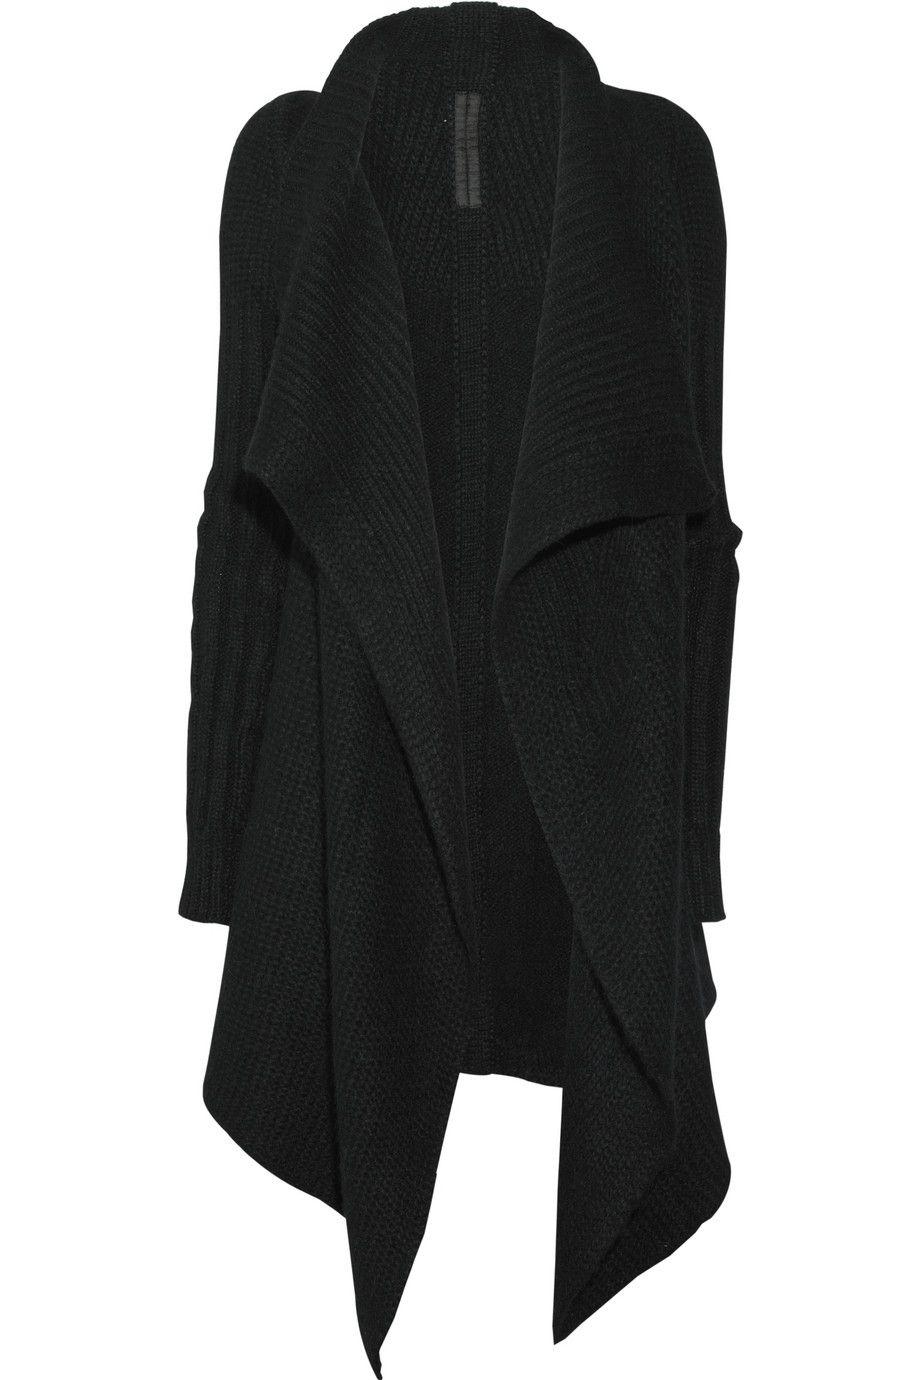 ^Rick Owens shawl/cardigan